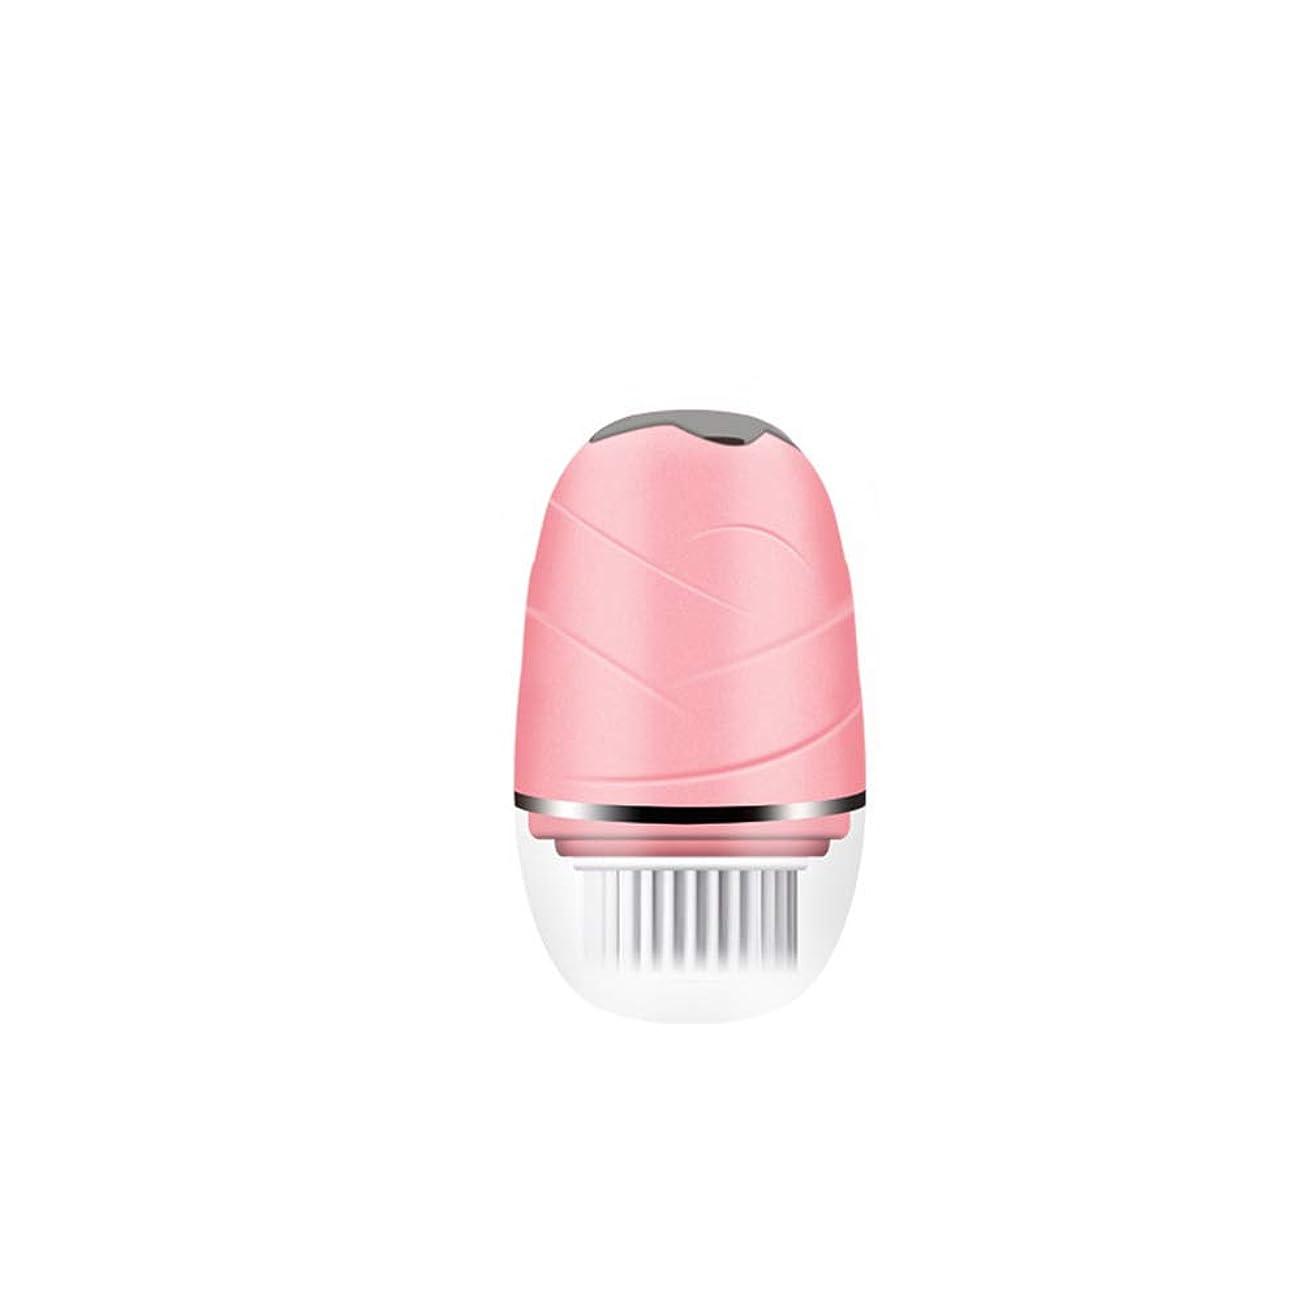 専らチョーク不完全洗顔ブラシ、3つのブラシヘッドを備えた防水フェイスブラシ、フェイスクリーニング、角質除去、マッサージのためのポータブル電動回転フェイススクラバー,ピンク